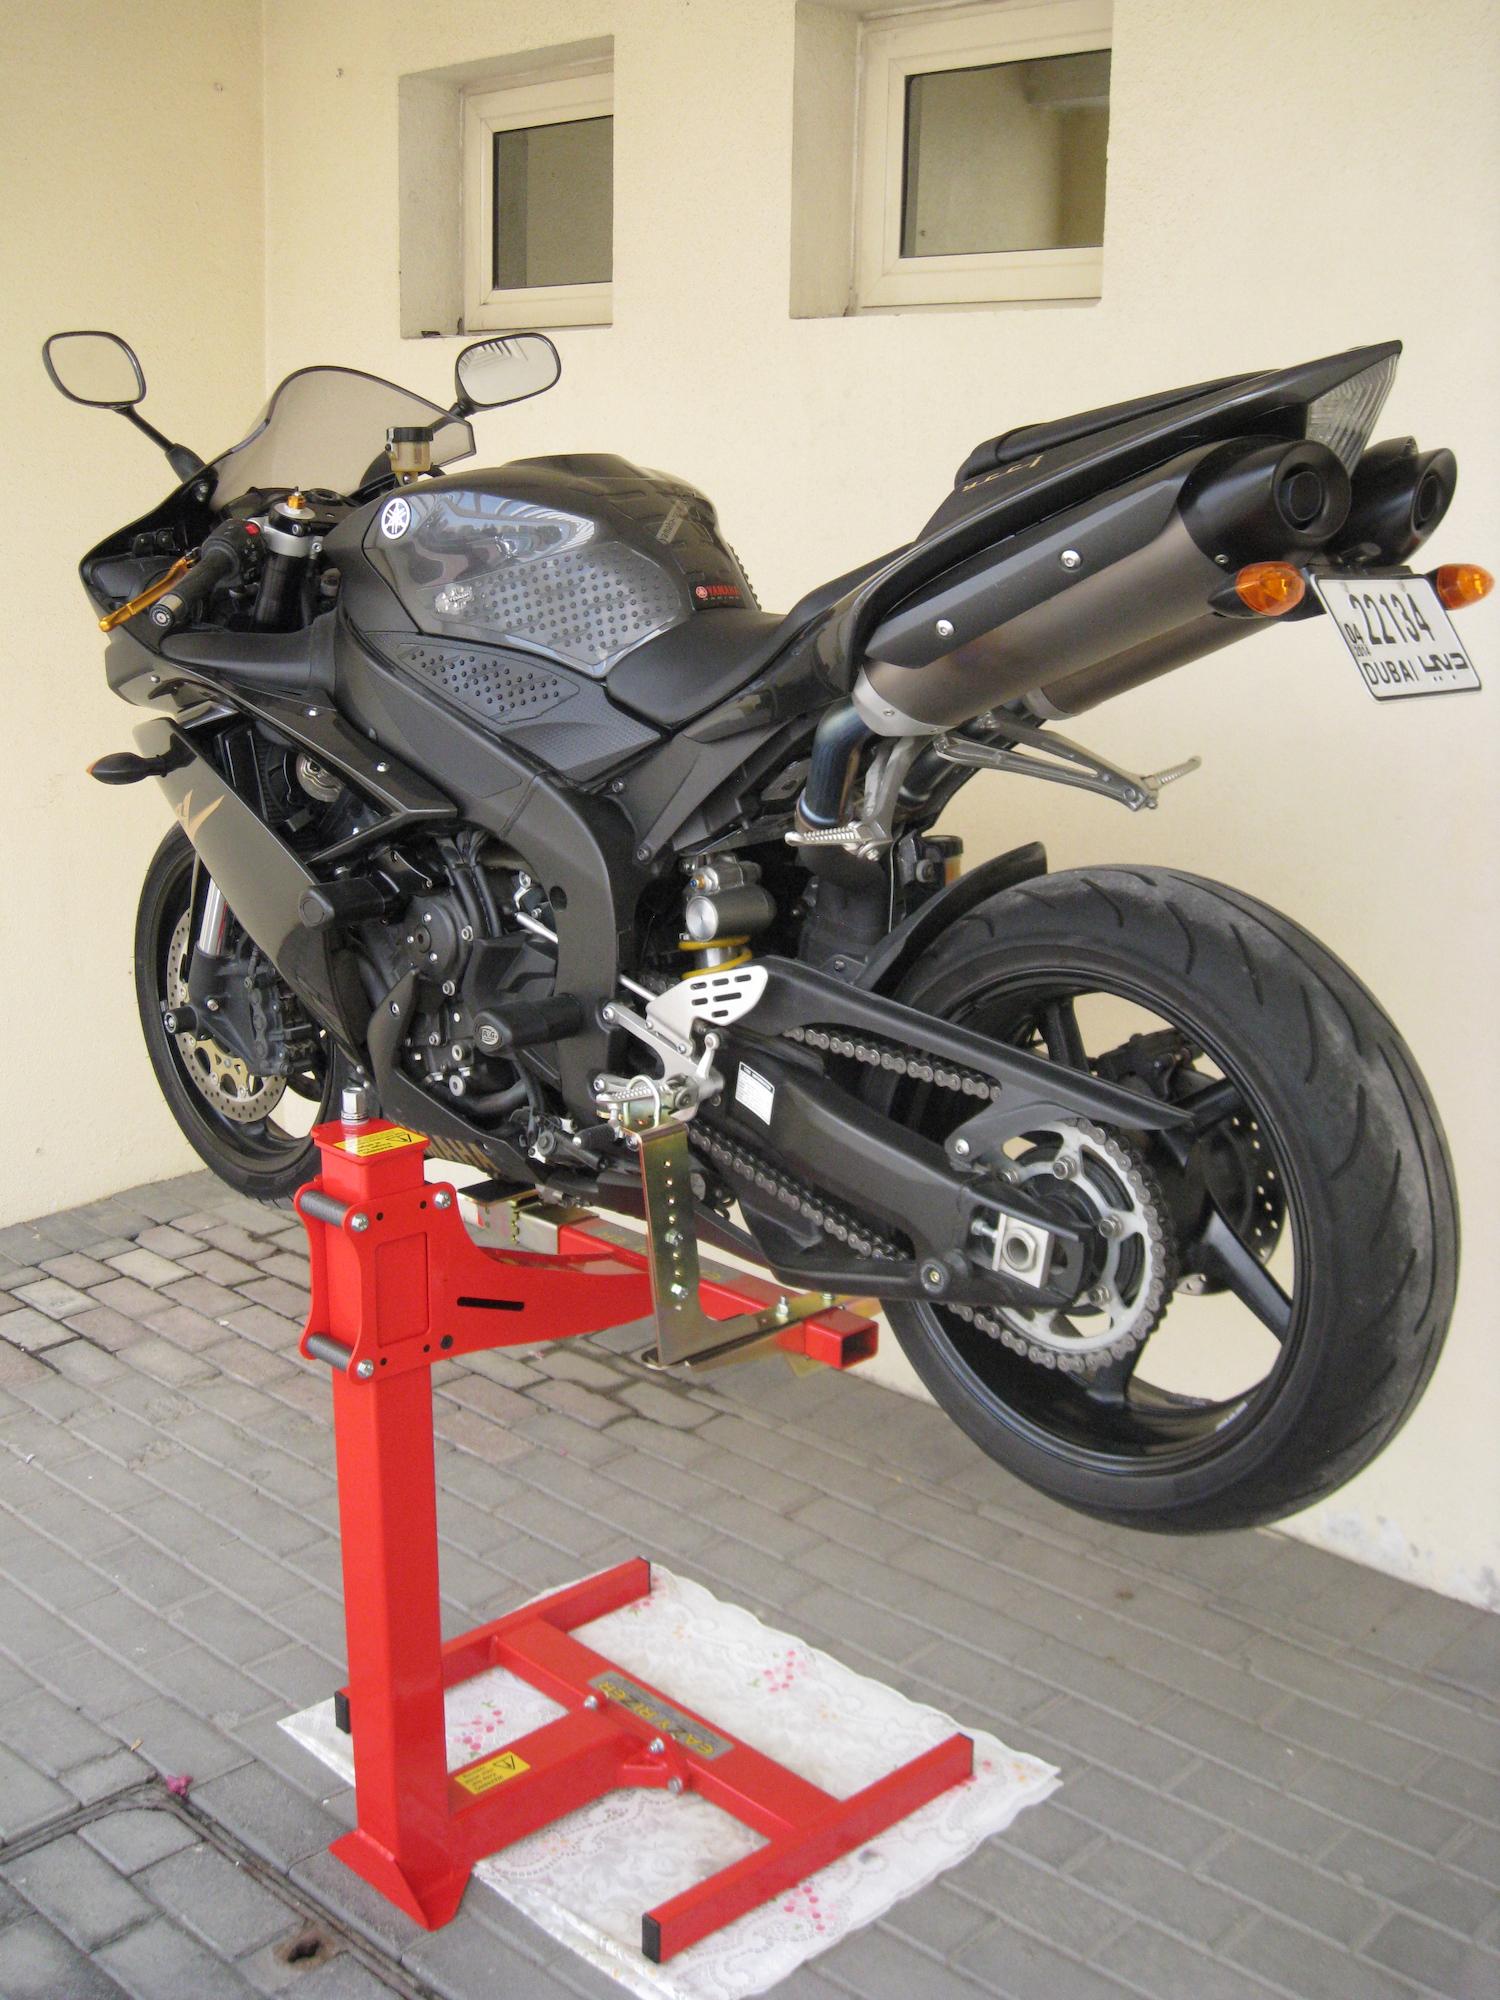 motorcycle lift motorbike stand sports bike lift eazyrizer original red ebay. Black Bedroom Furniture Sets. Home Design Ideas